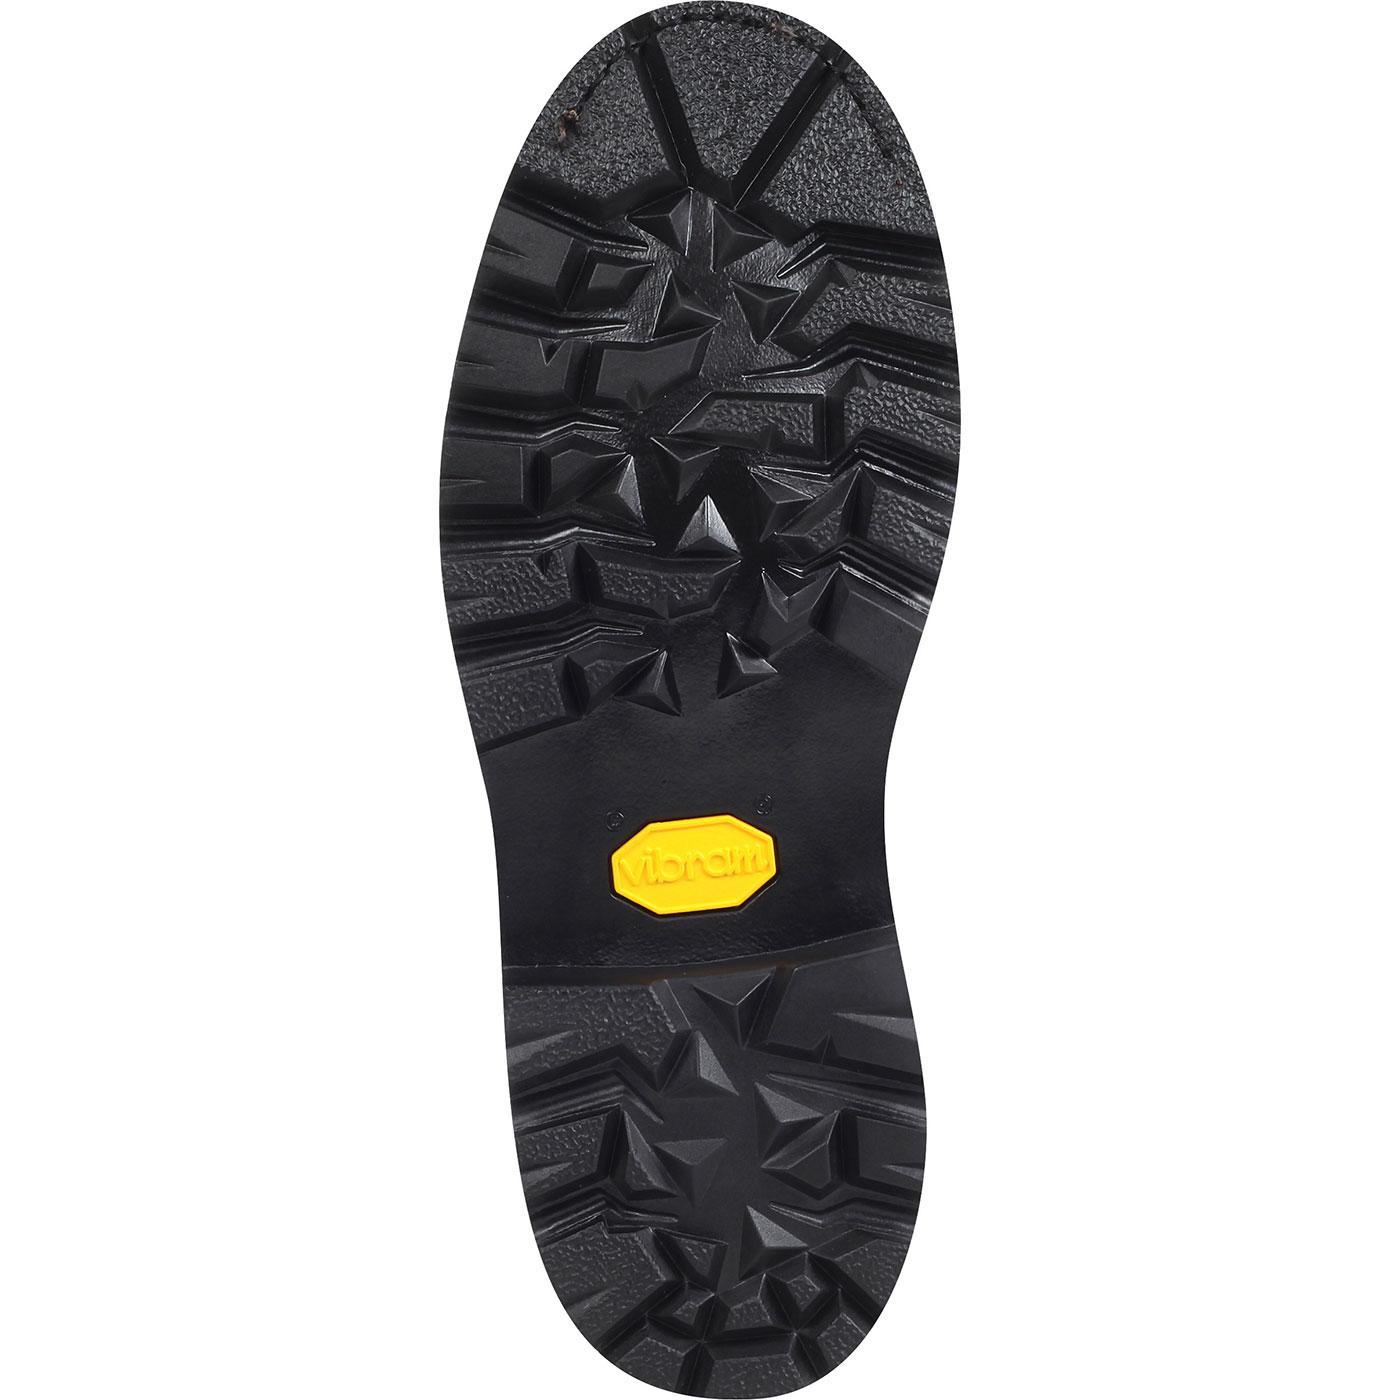 2756b747842 Rocky Great Oak GORE-TEX® Waterproof Low Heel Logger Boot